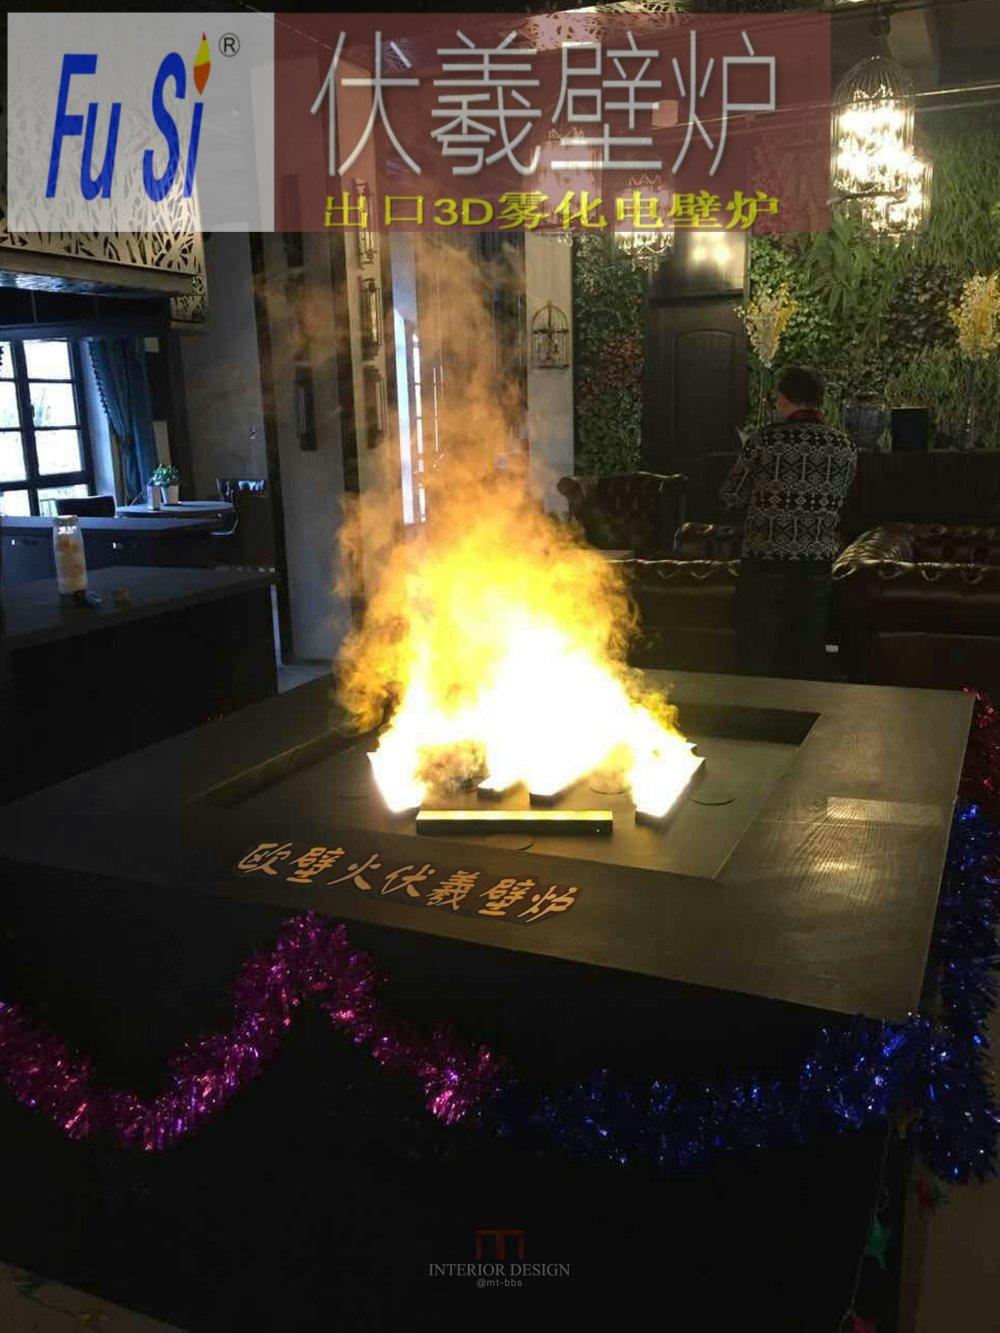 辽宁德嘉与海会所装饰景观伏羲3d雾化电壁炉仿真篝火盆四面火焰壁炉灯饰